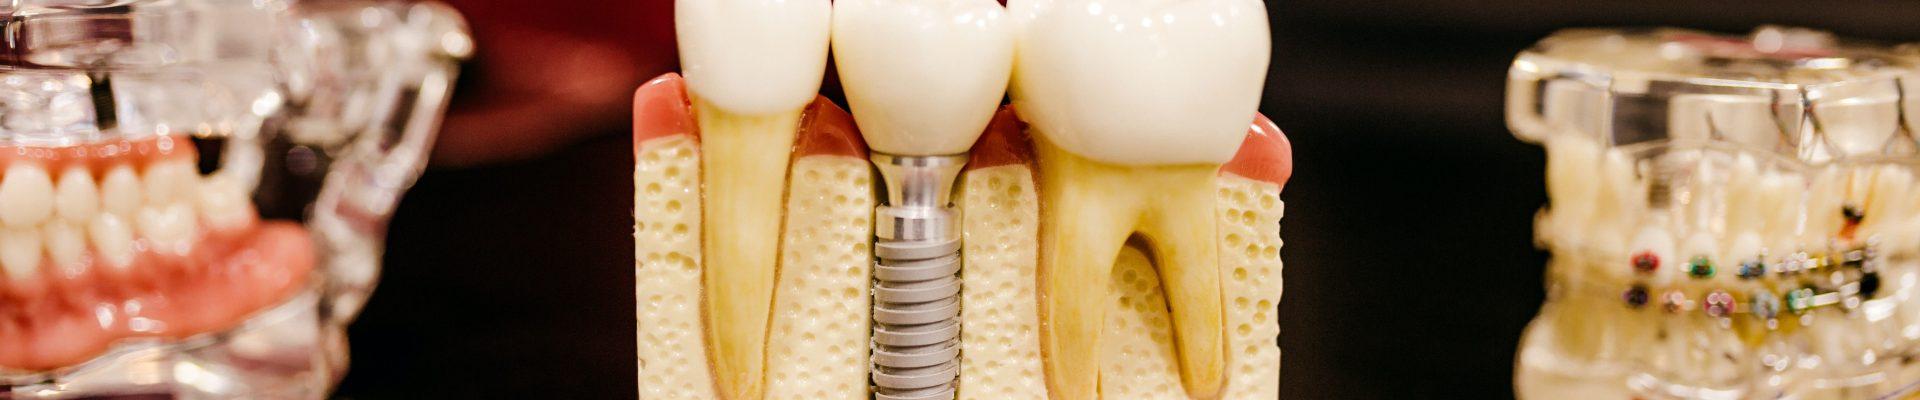 dental implant show models